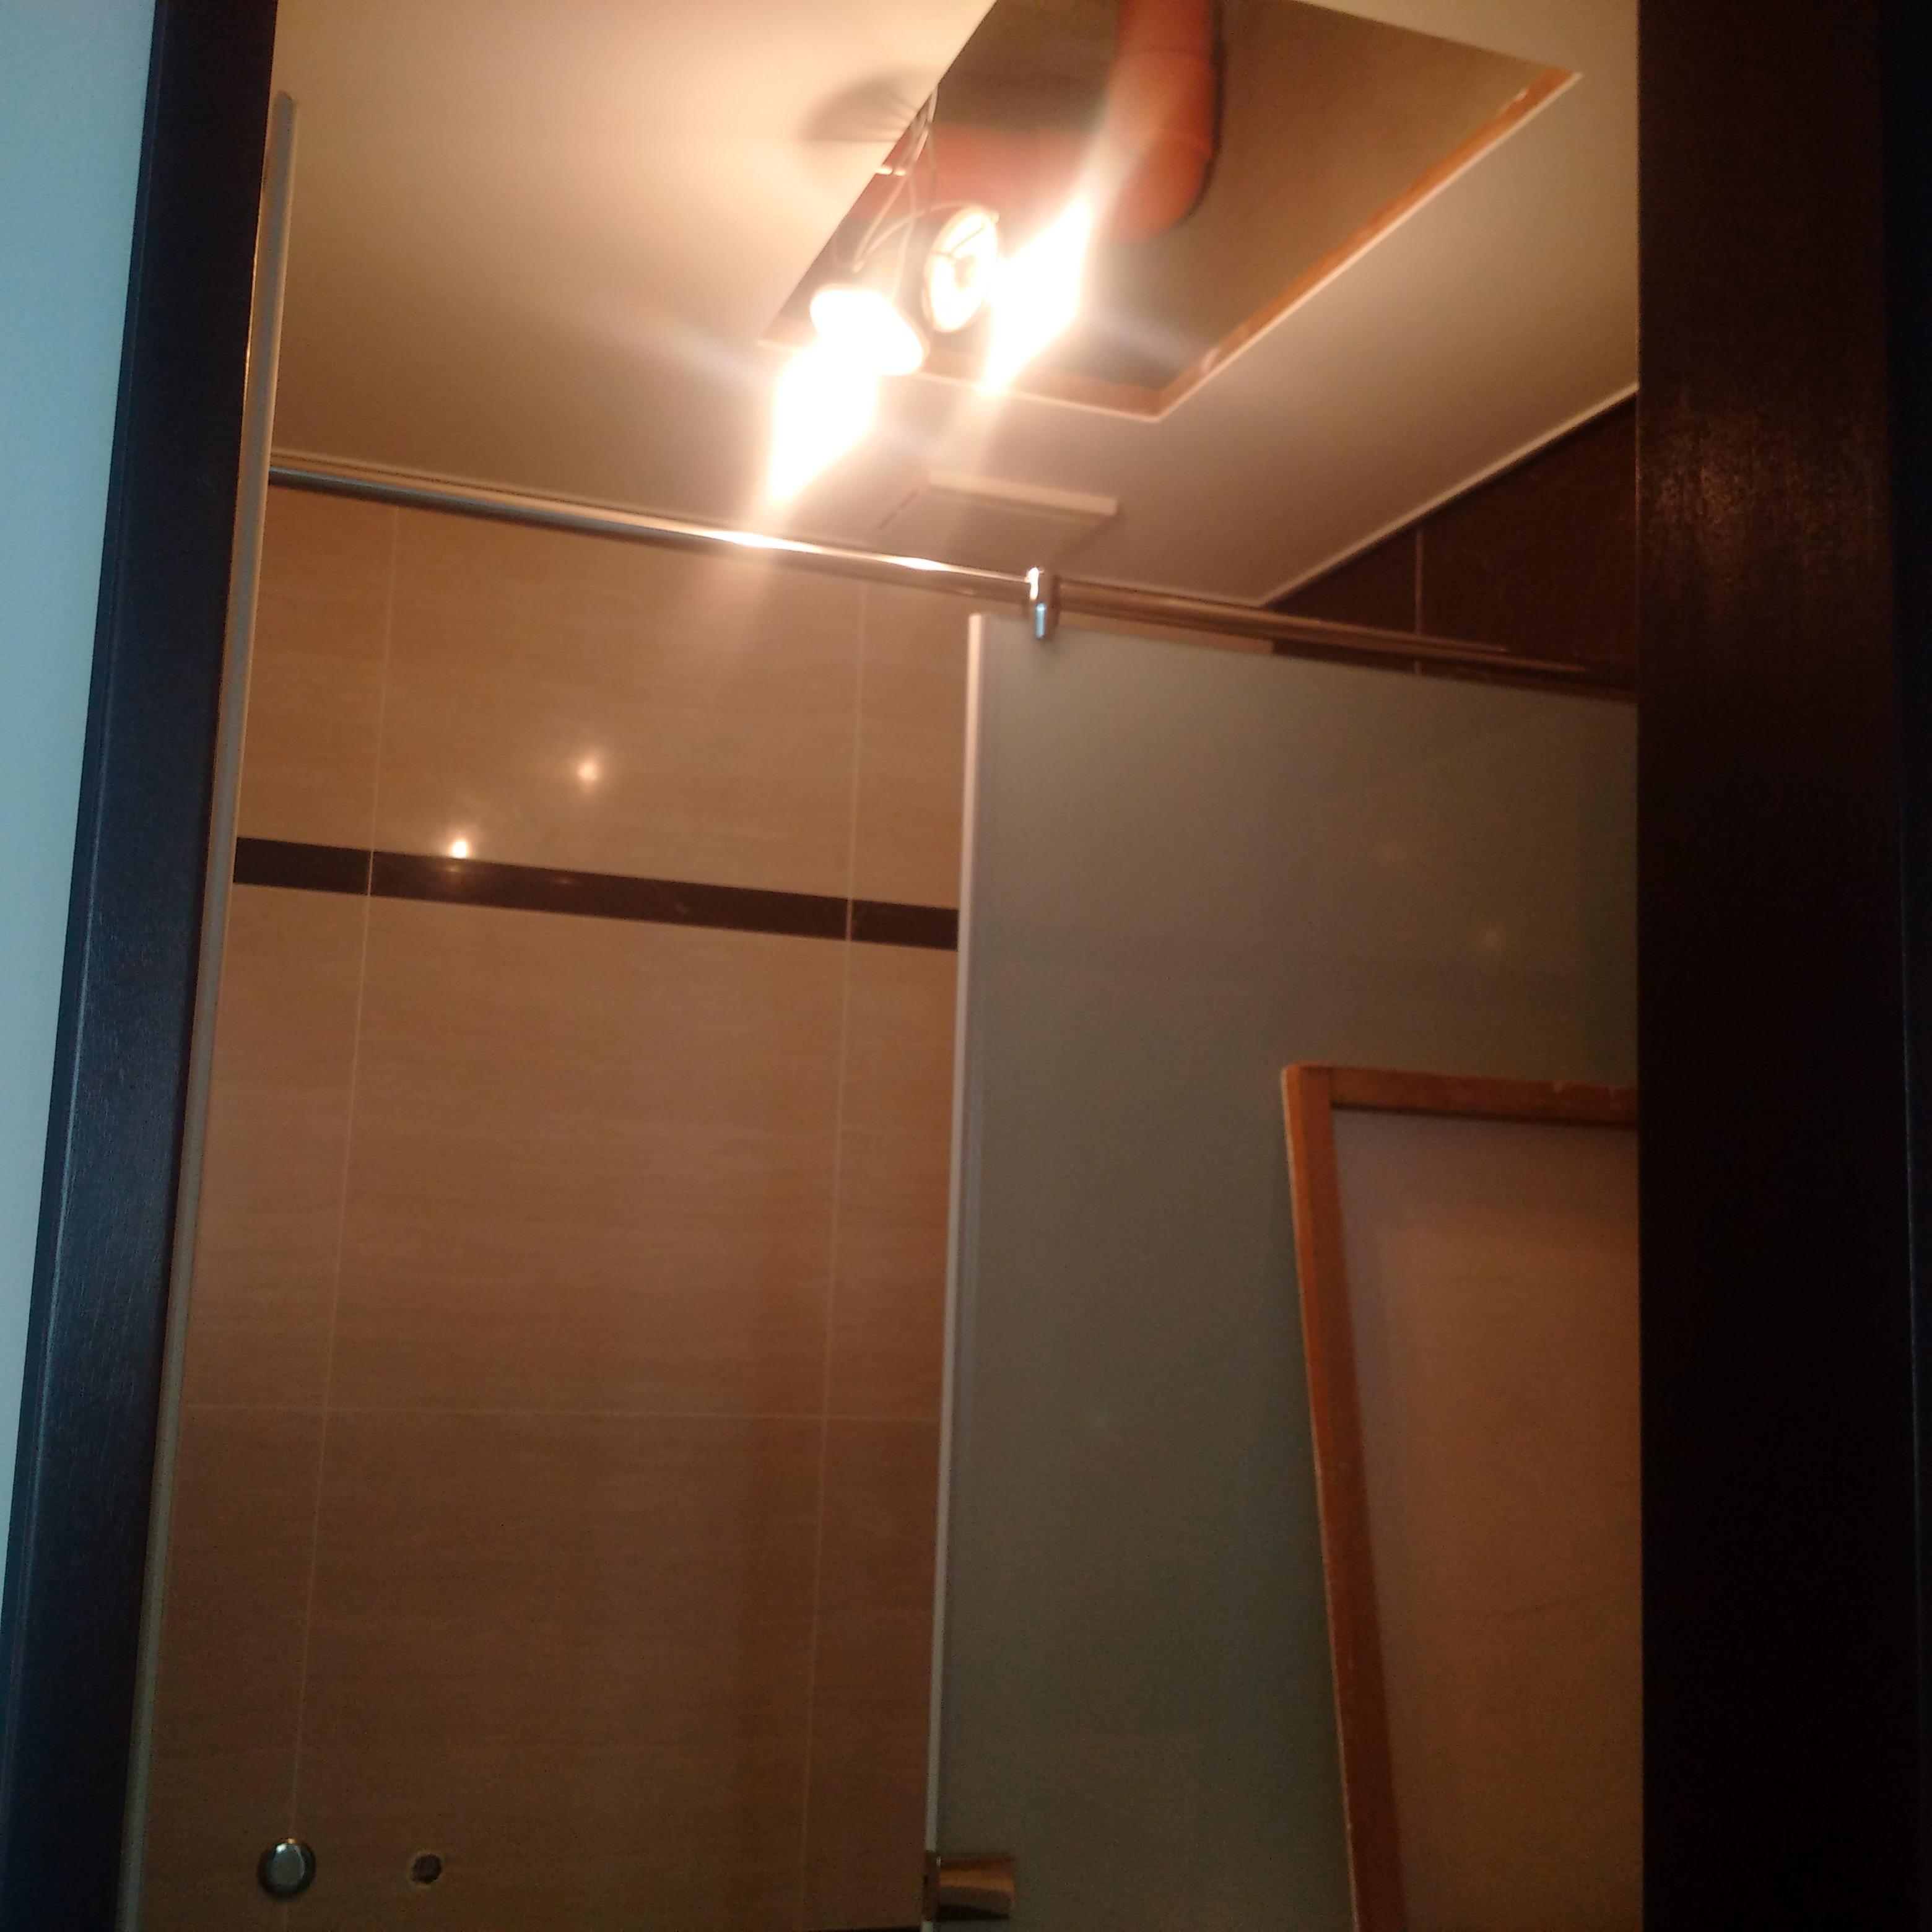 [徵求] 桃園 浴室天花板維修孔挖大